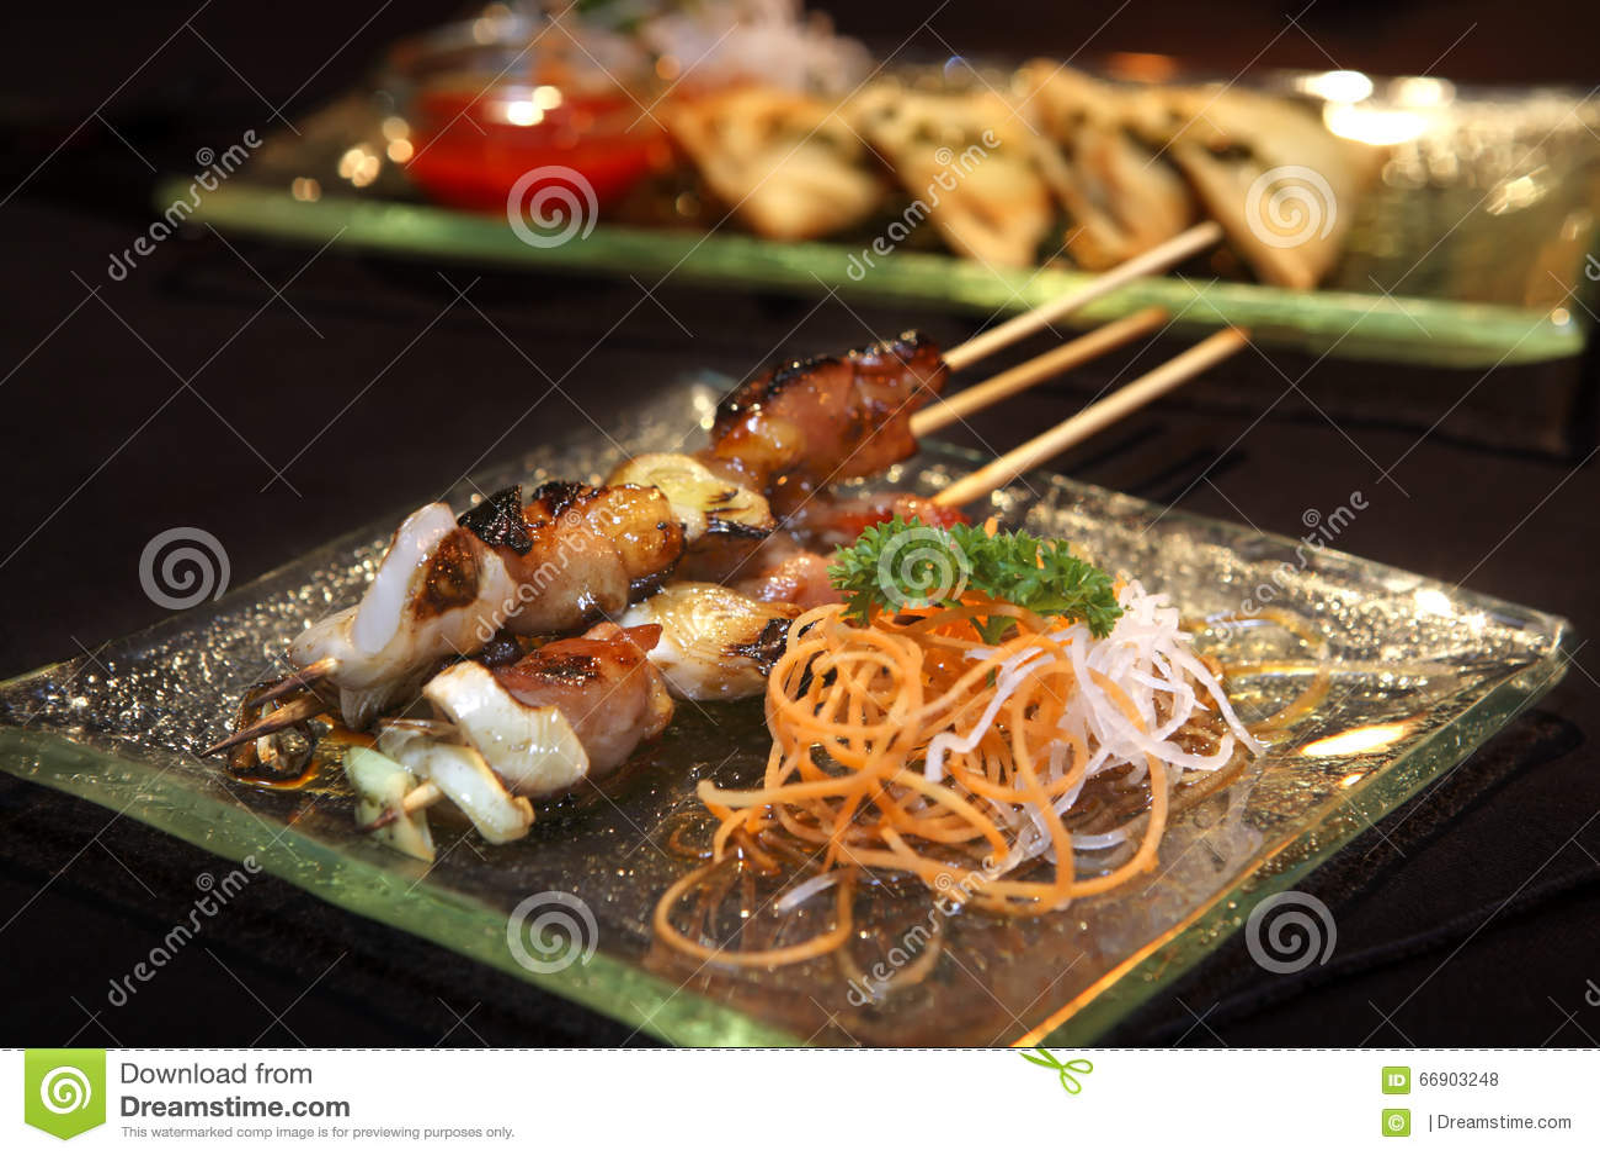 Indonesisch Voedsel